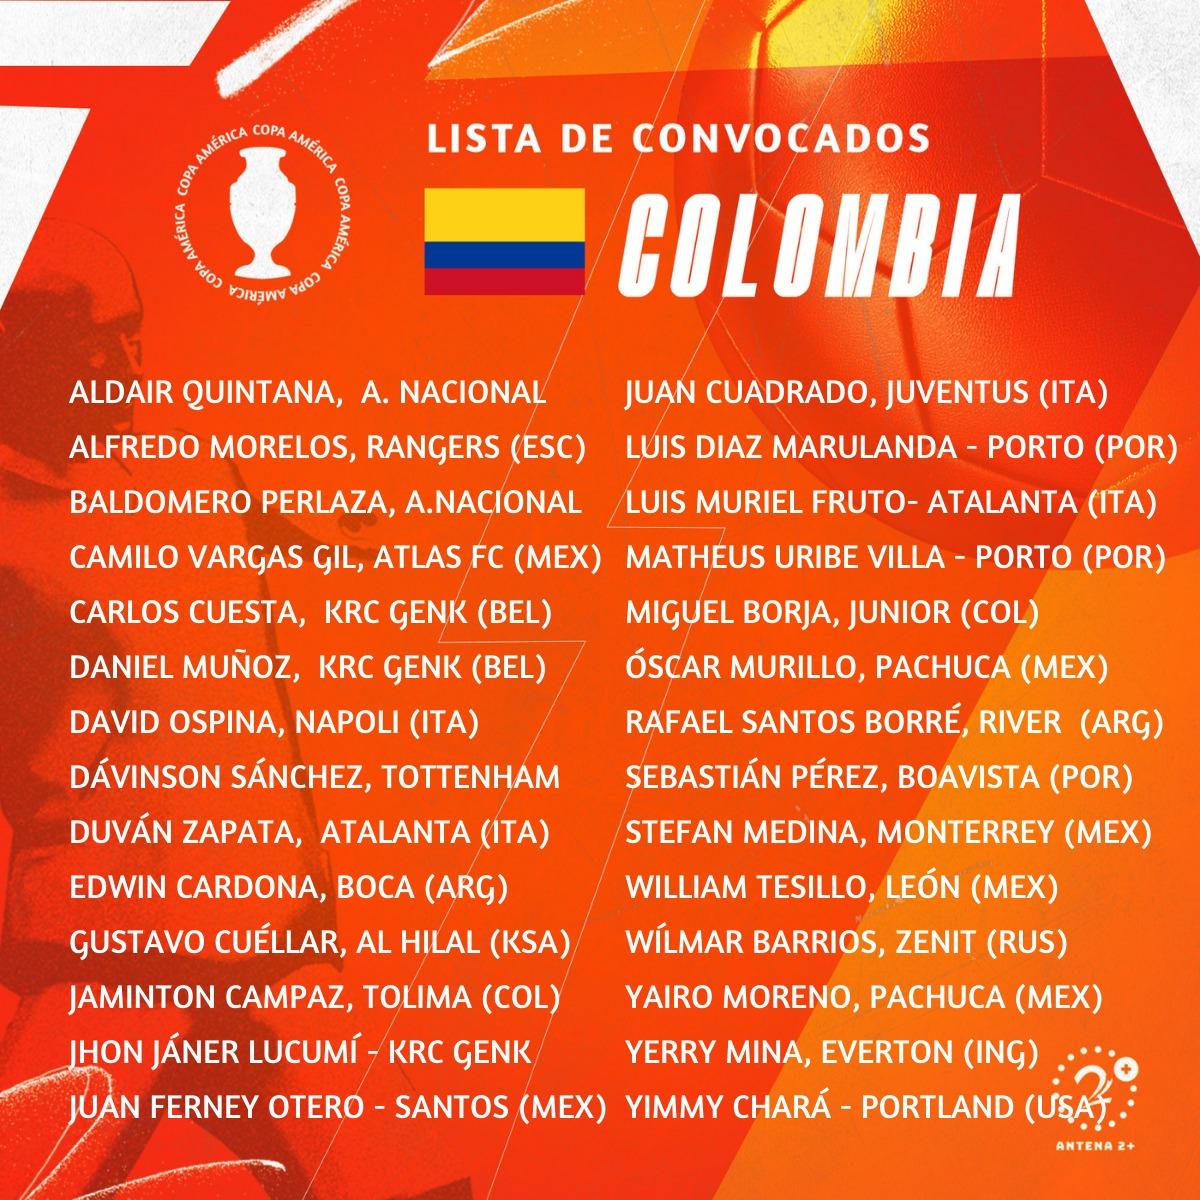 Convocados de la Selección Colombia para la Copa América 2021